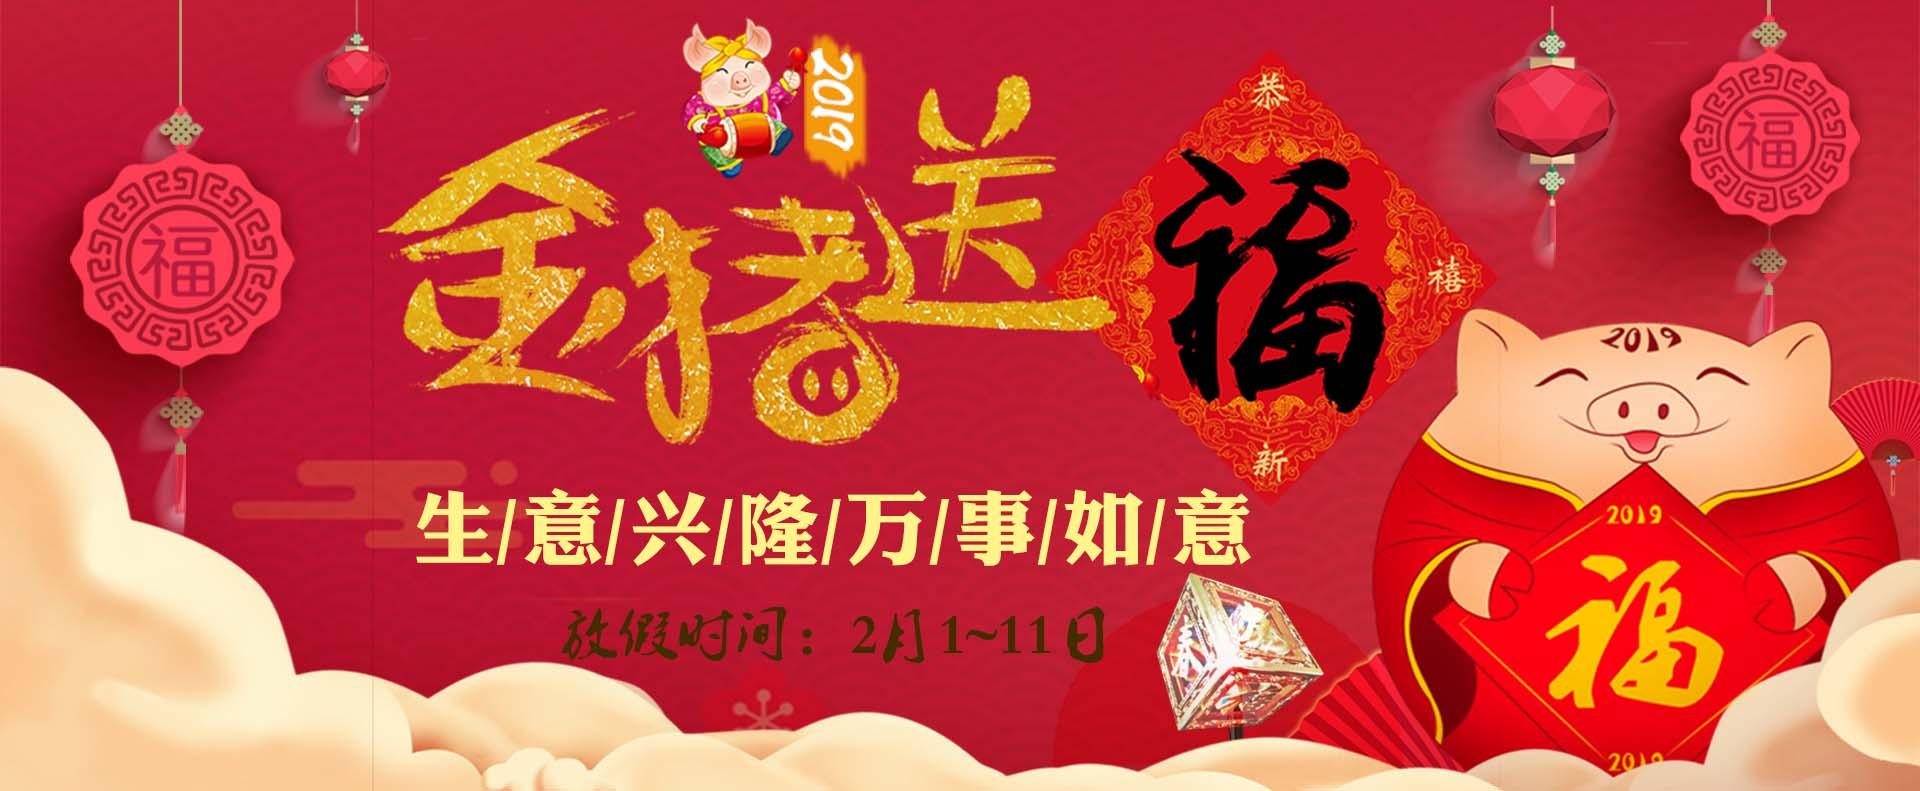 深圳市风扇技术有限公司祝尊敬的各位客户新春快乐